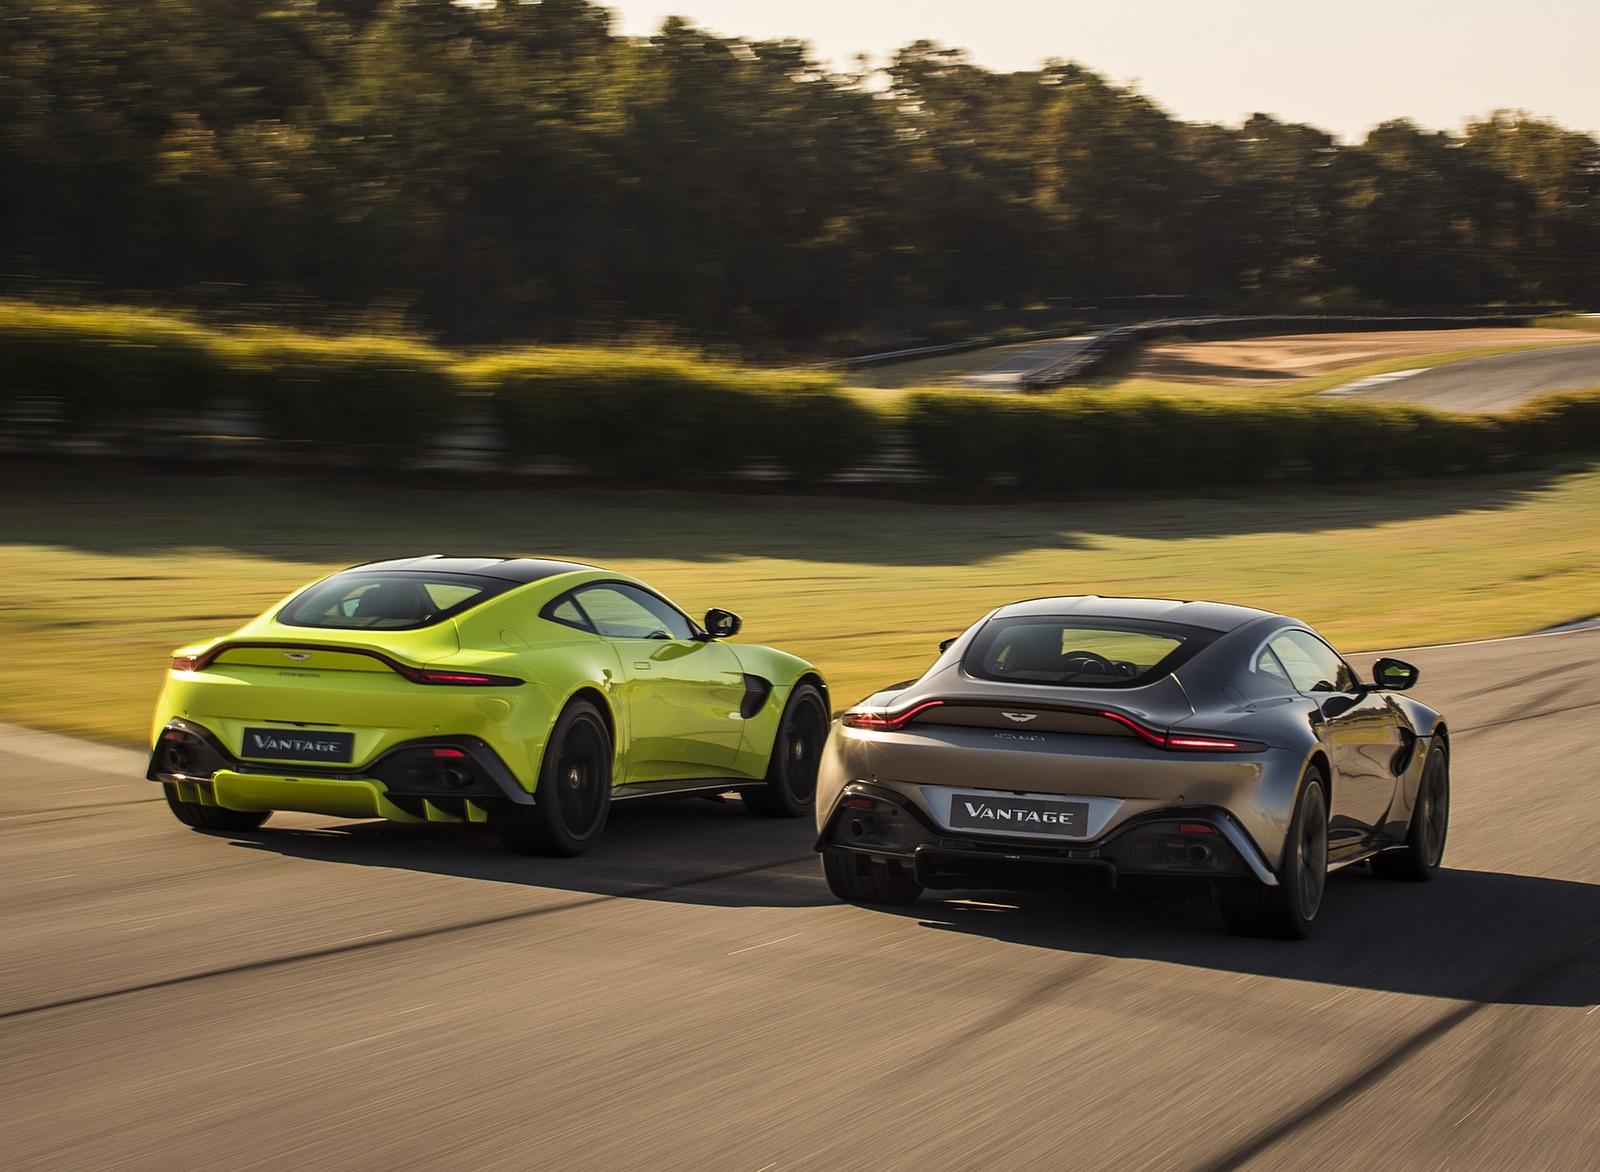 2019 Aston Martin Vantage Wallpapers (4)